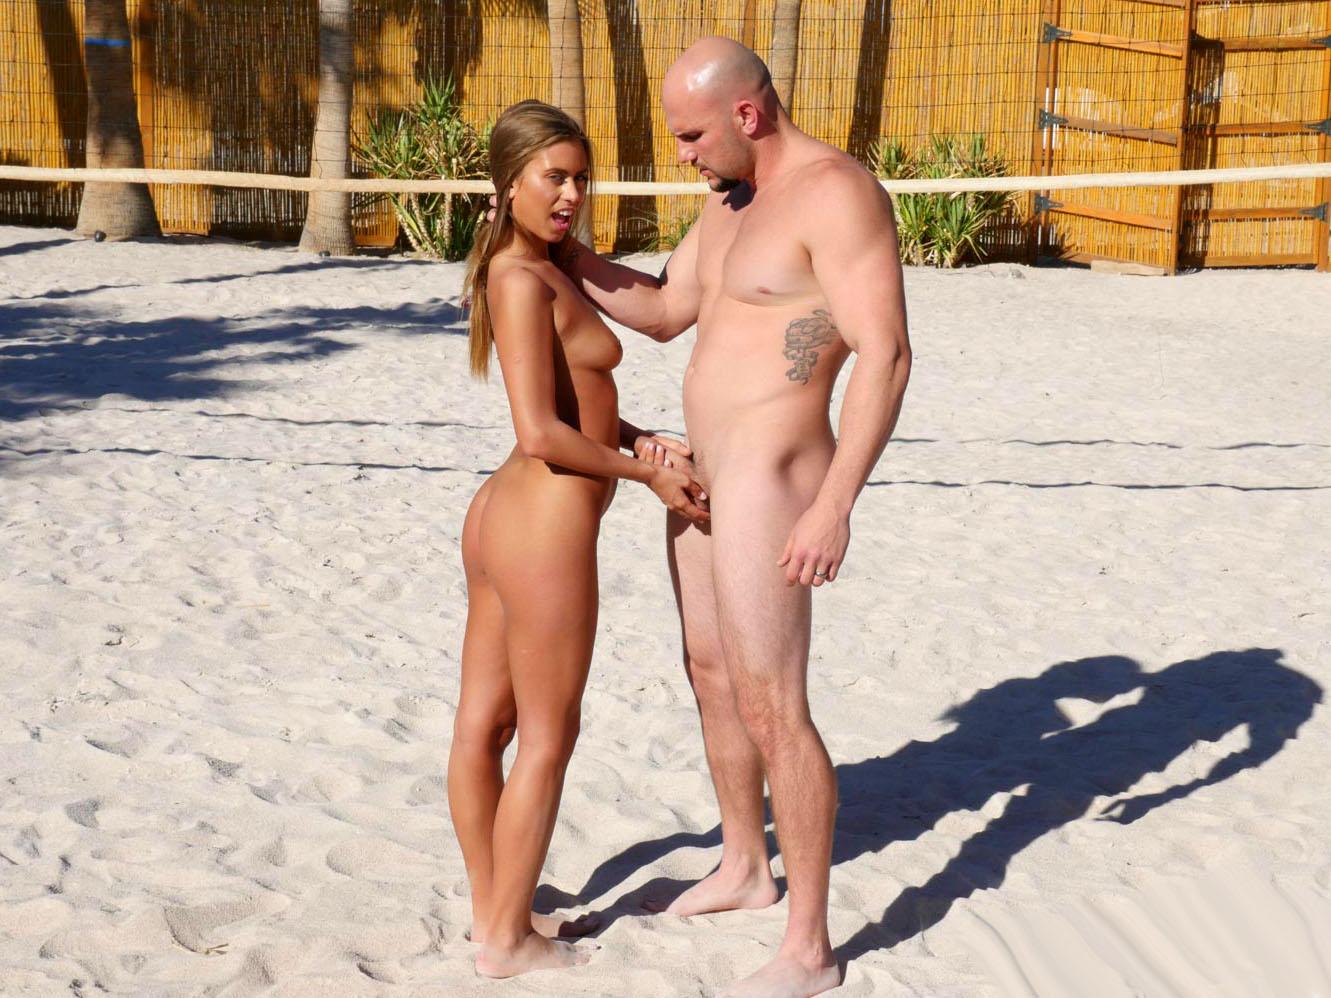 Sand Sun and Buns